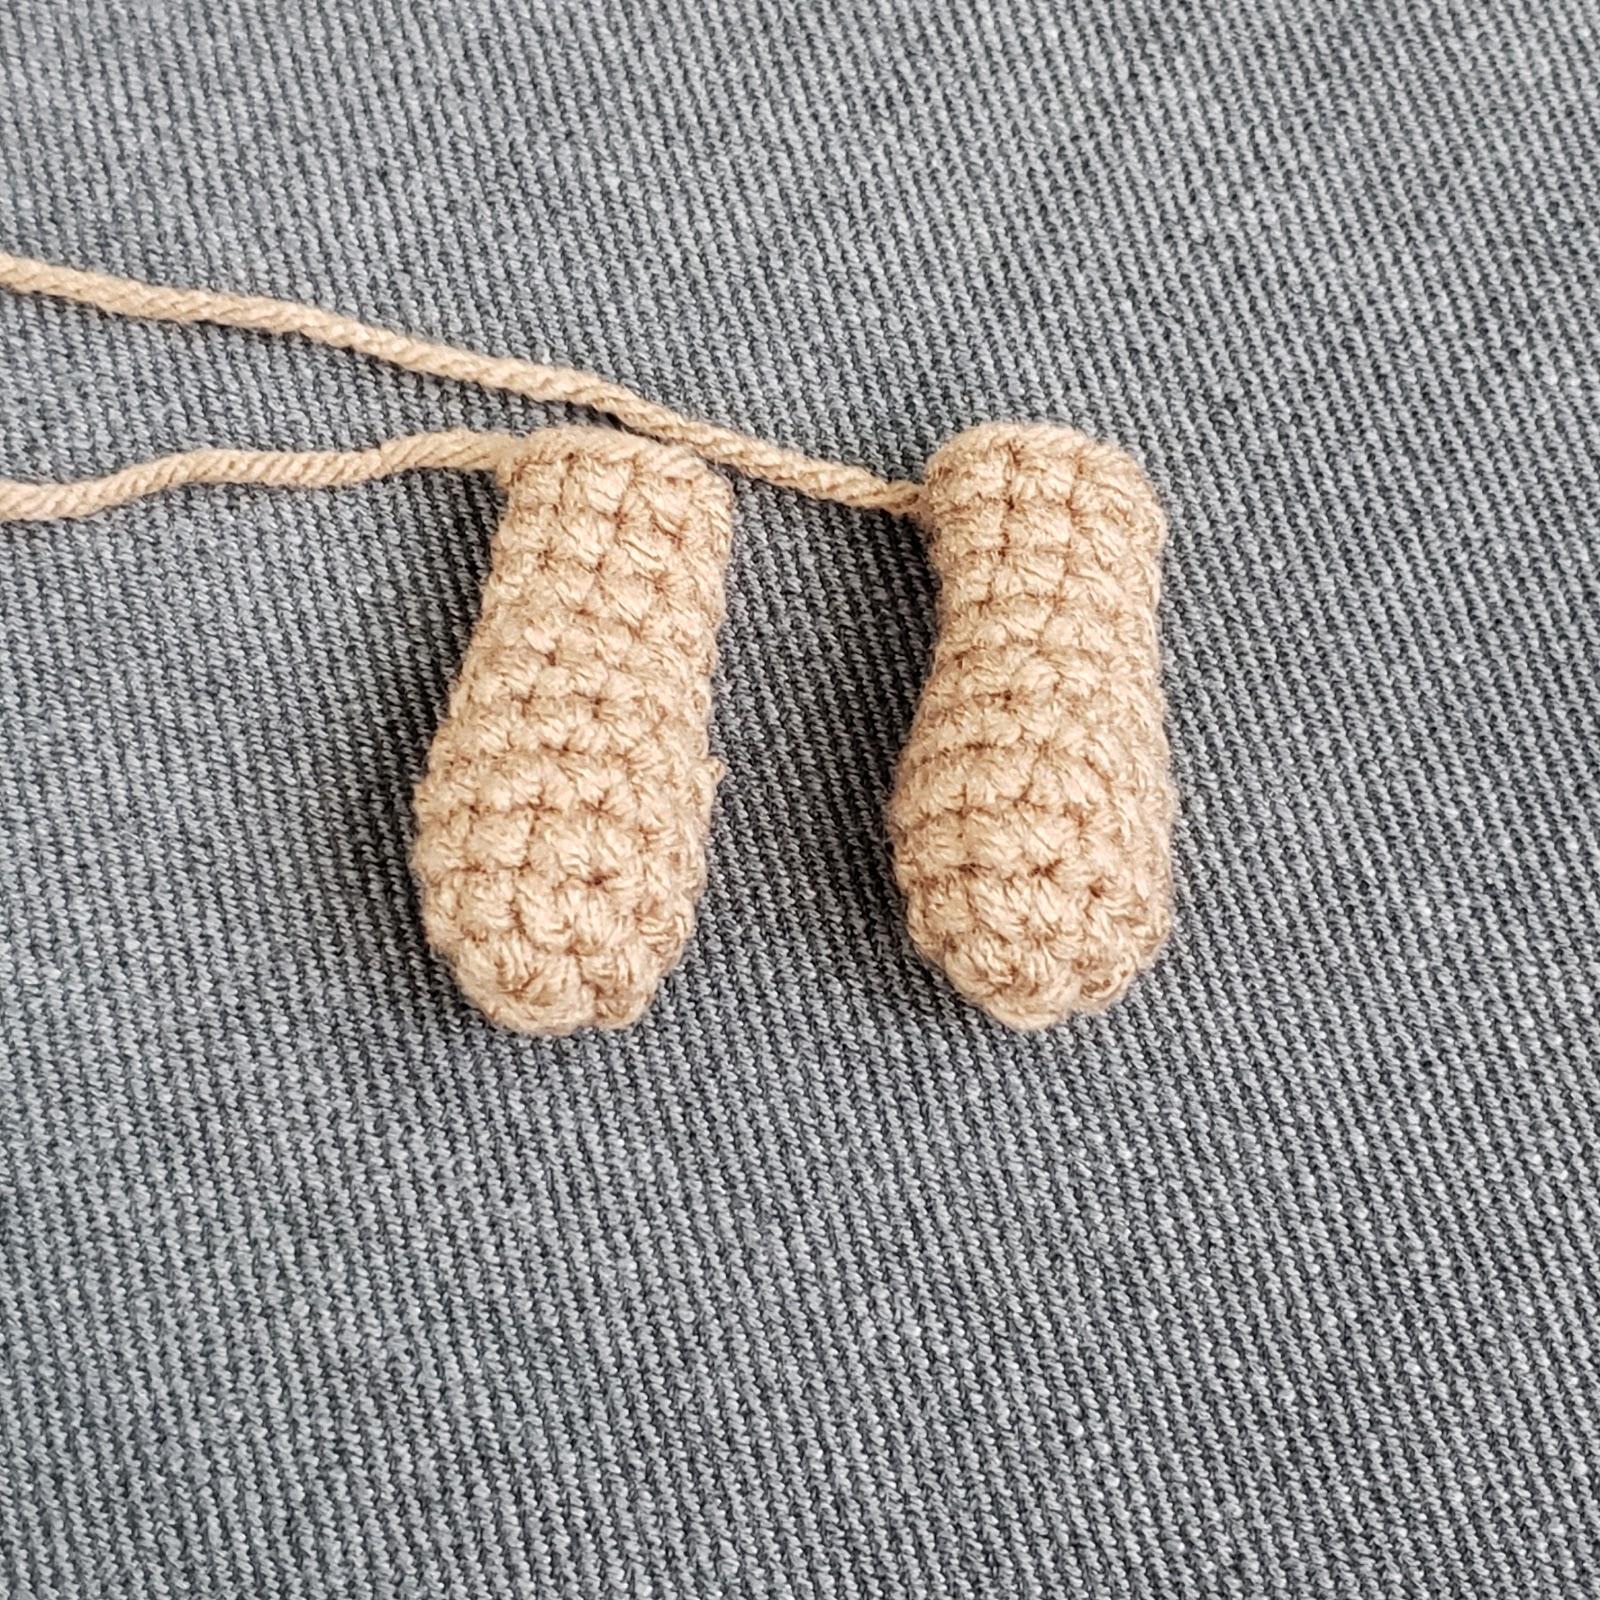 www.crochetwithmealnie.com